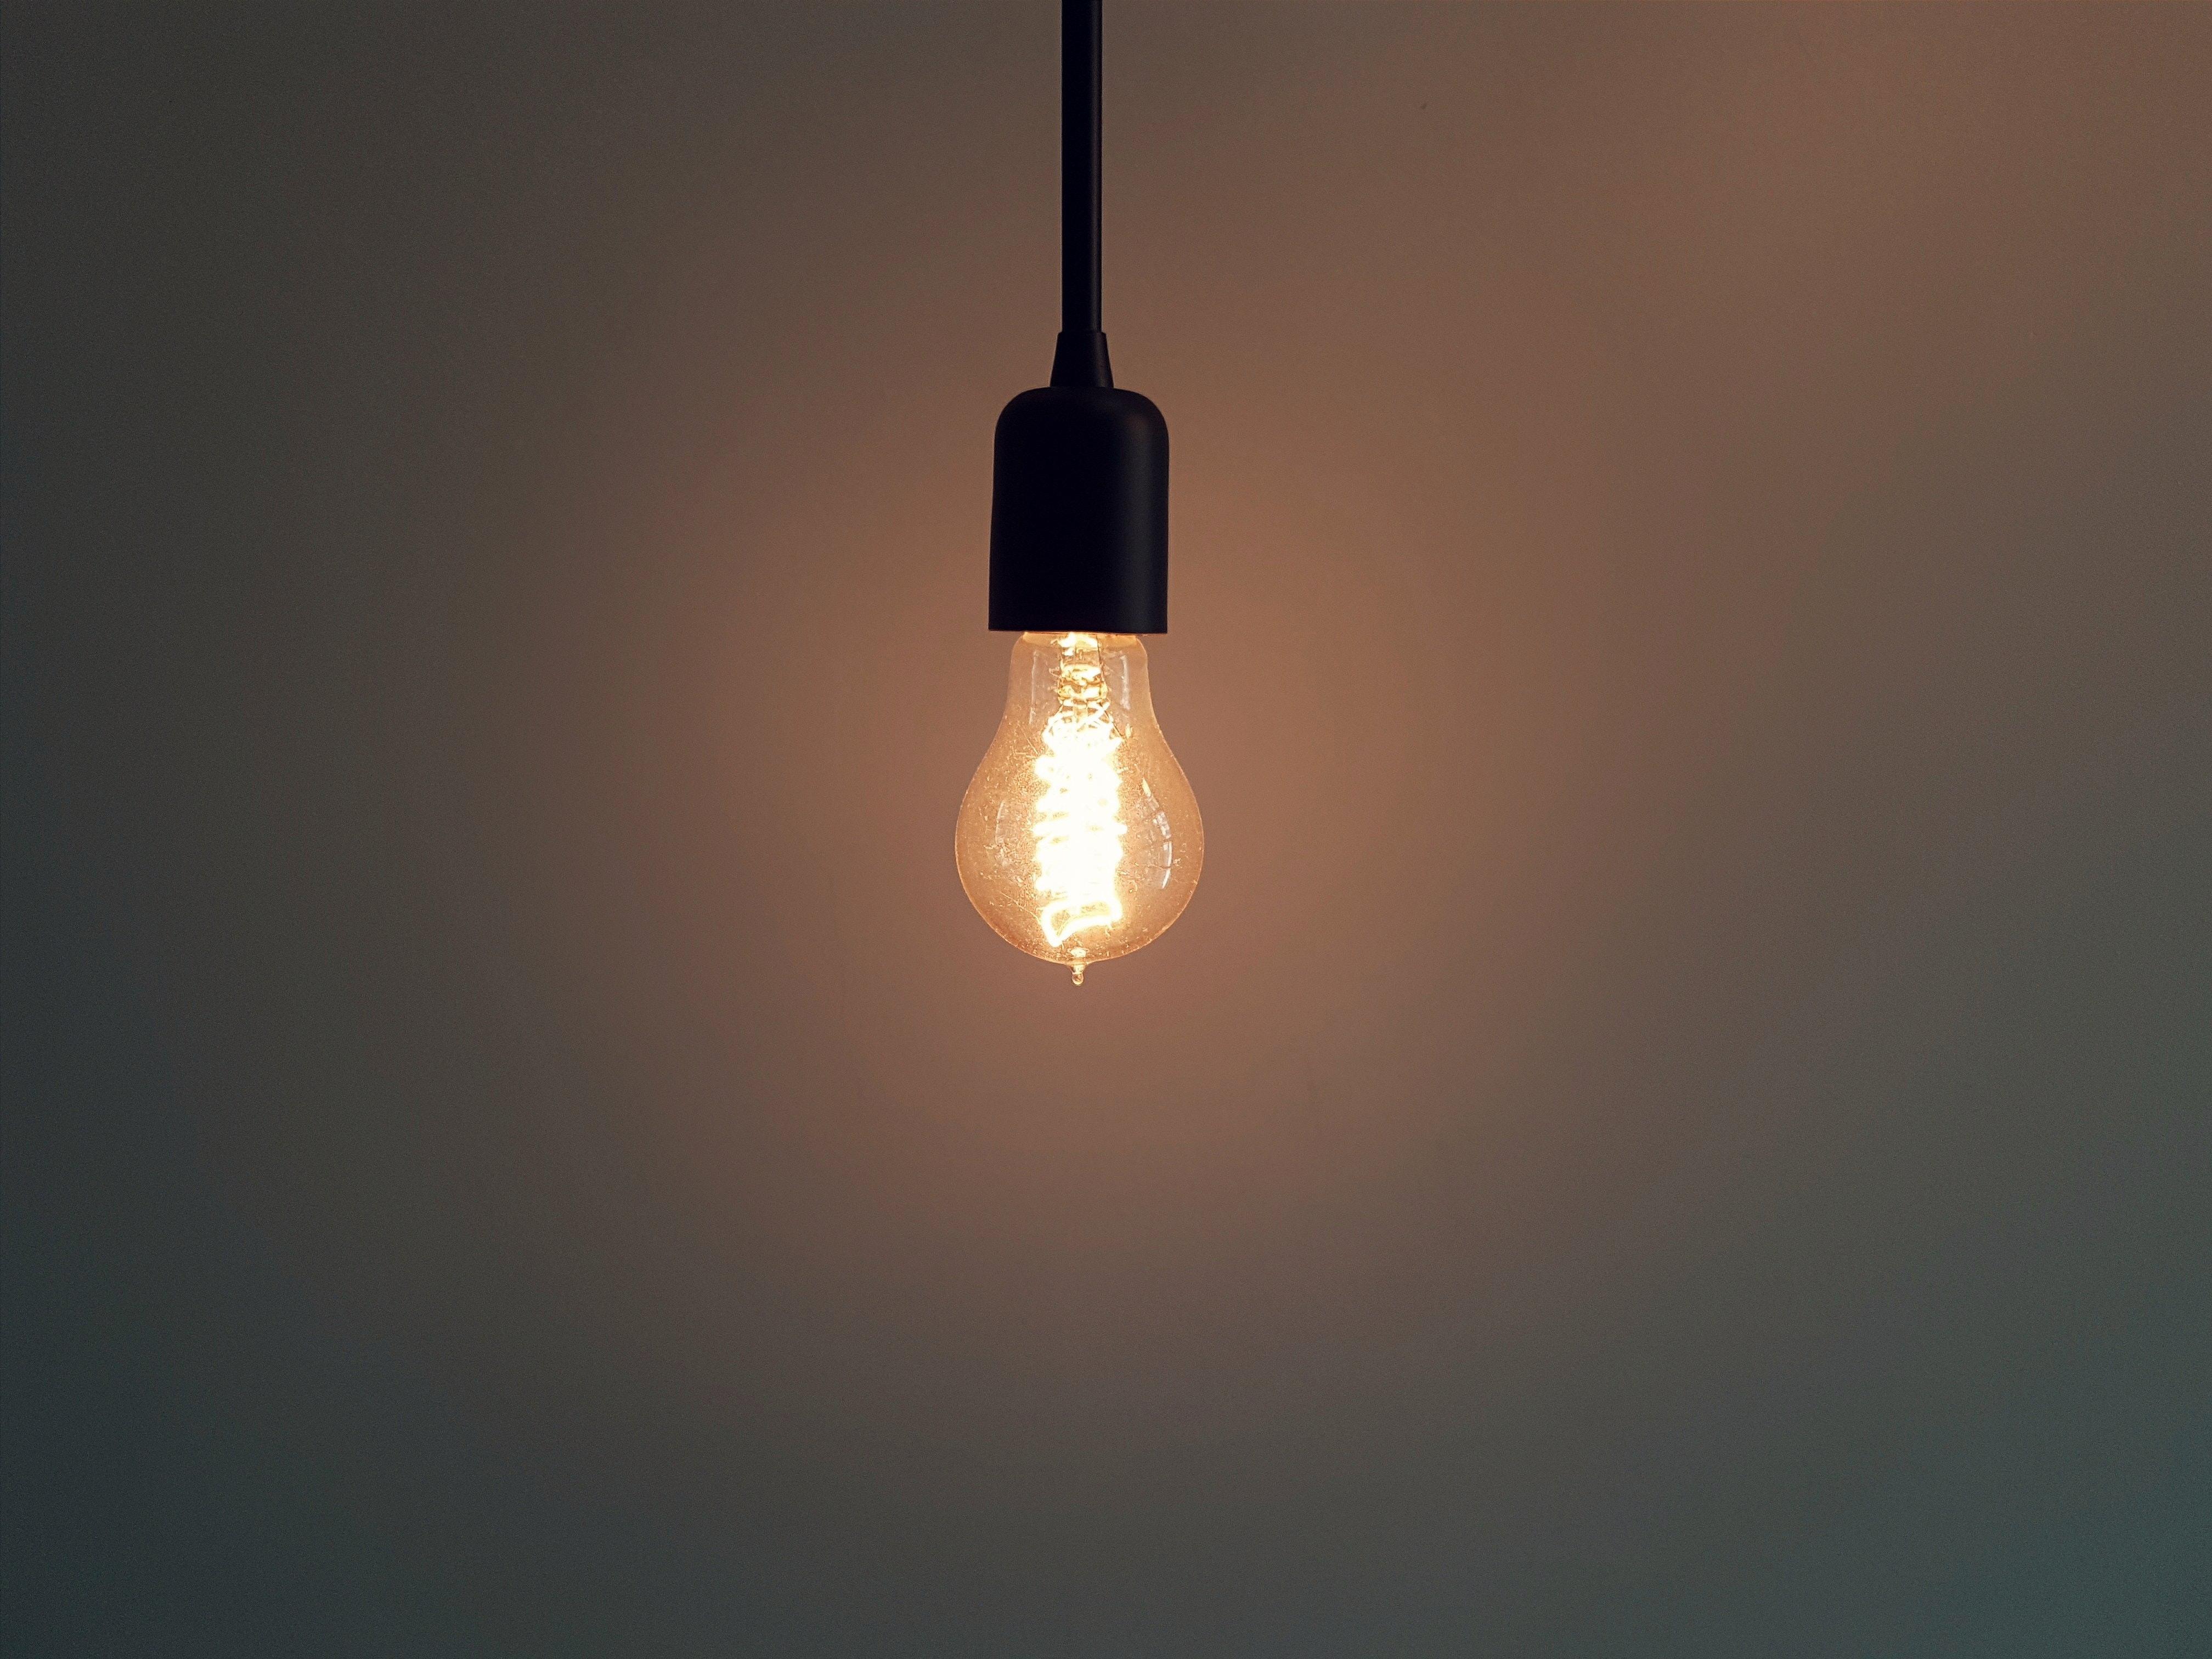 Bereken je gemiddelde energieverbruik